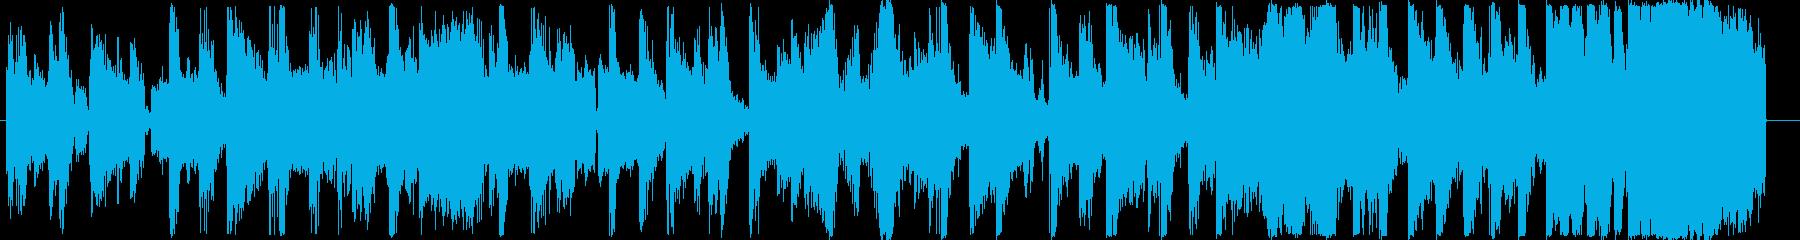 15秒に収まった使いやすいEDMジングルの再生済みの波形